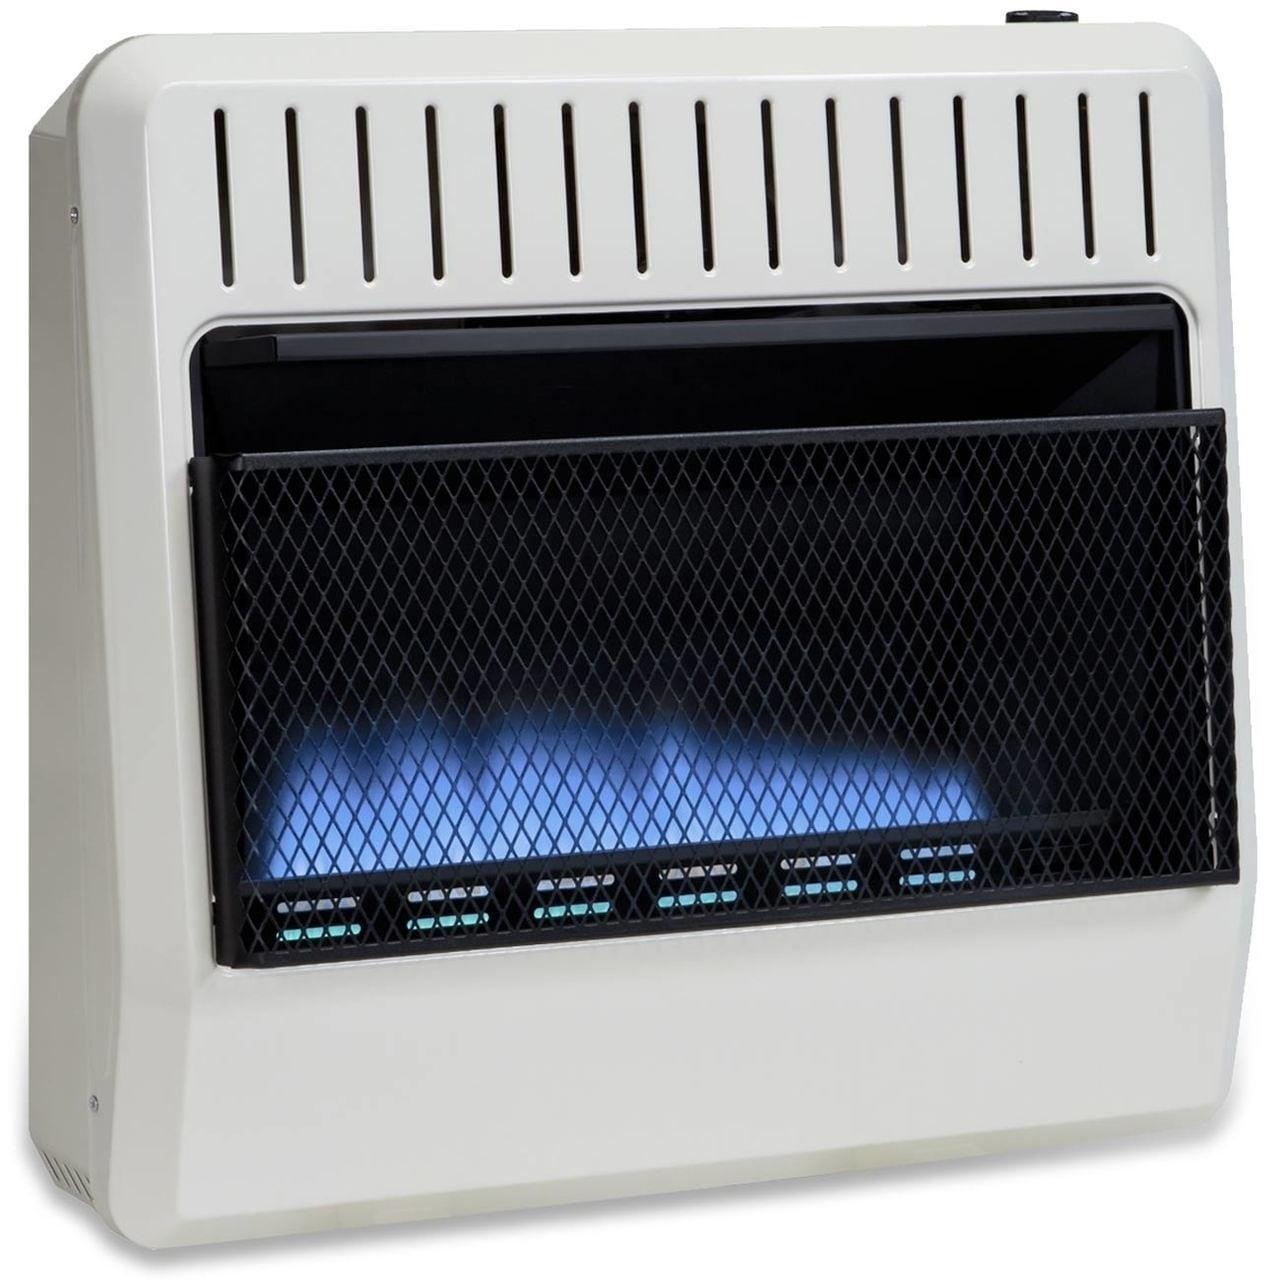 Avenger Dual Fuel Ventless Blue Flame Heater - 30,000 BTU...